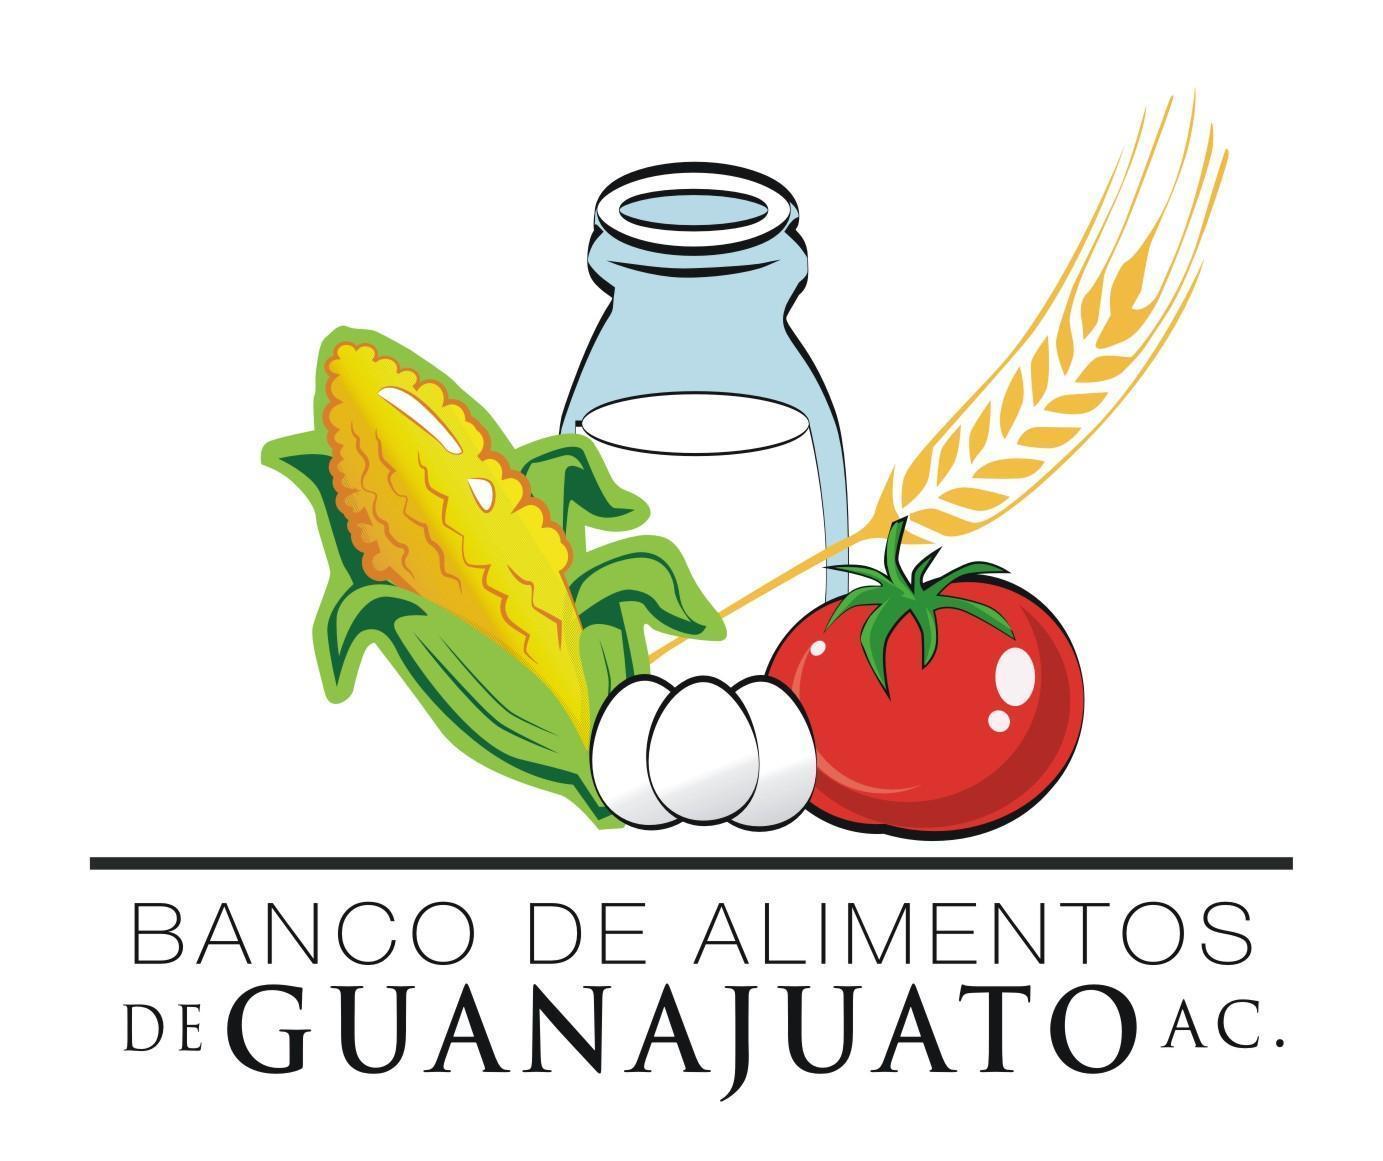 Banco de Alimentos de Guanajuato